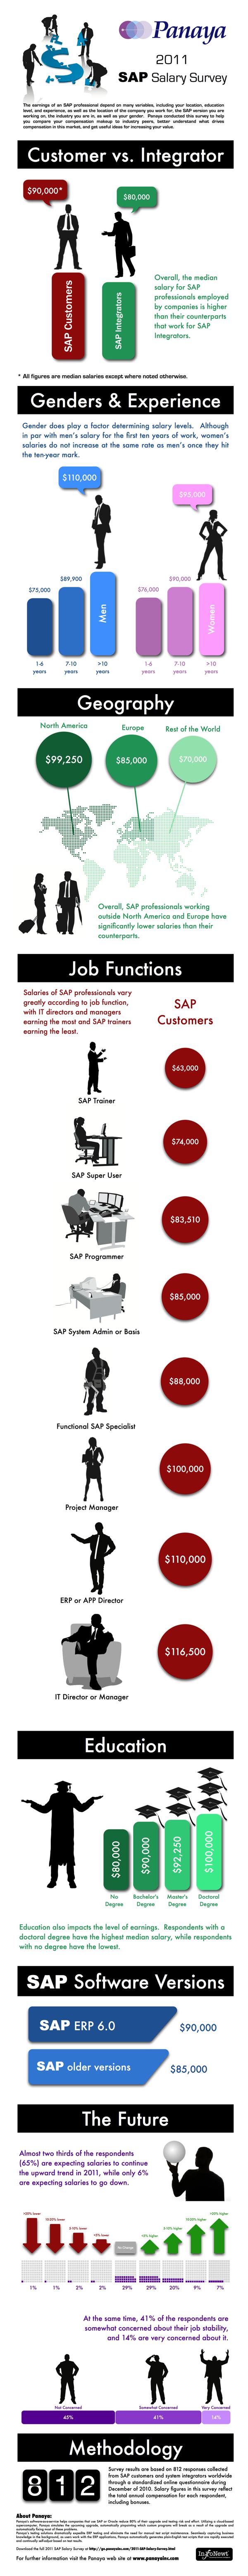 2011 SAP Salary Survey